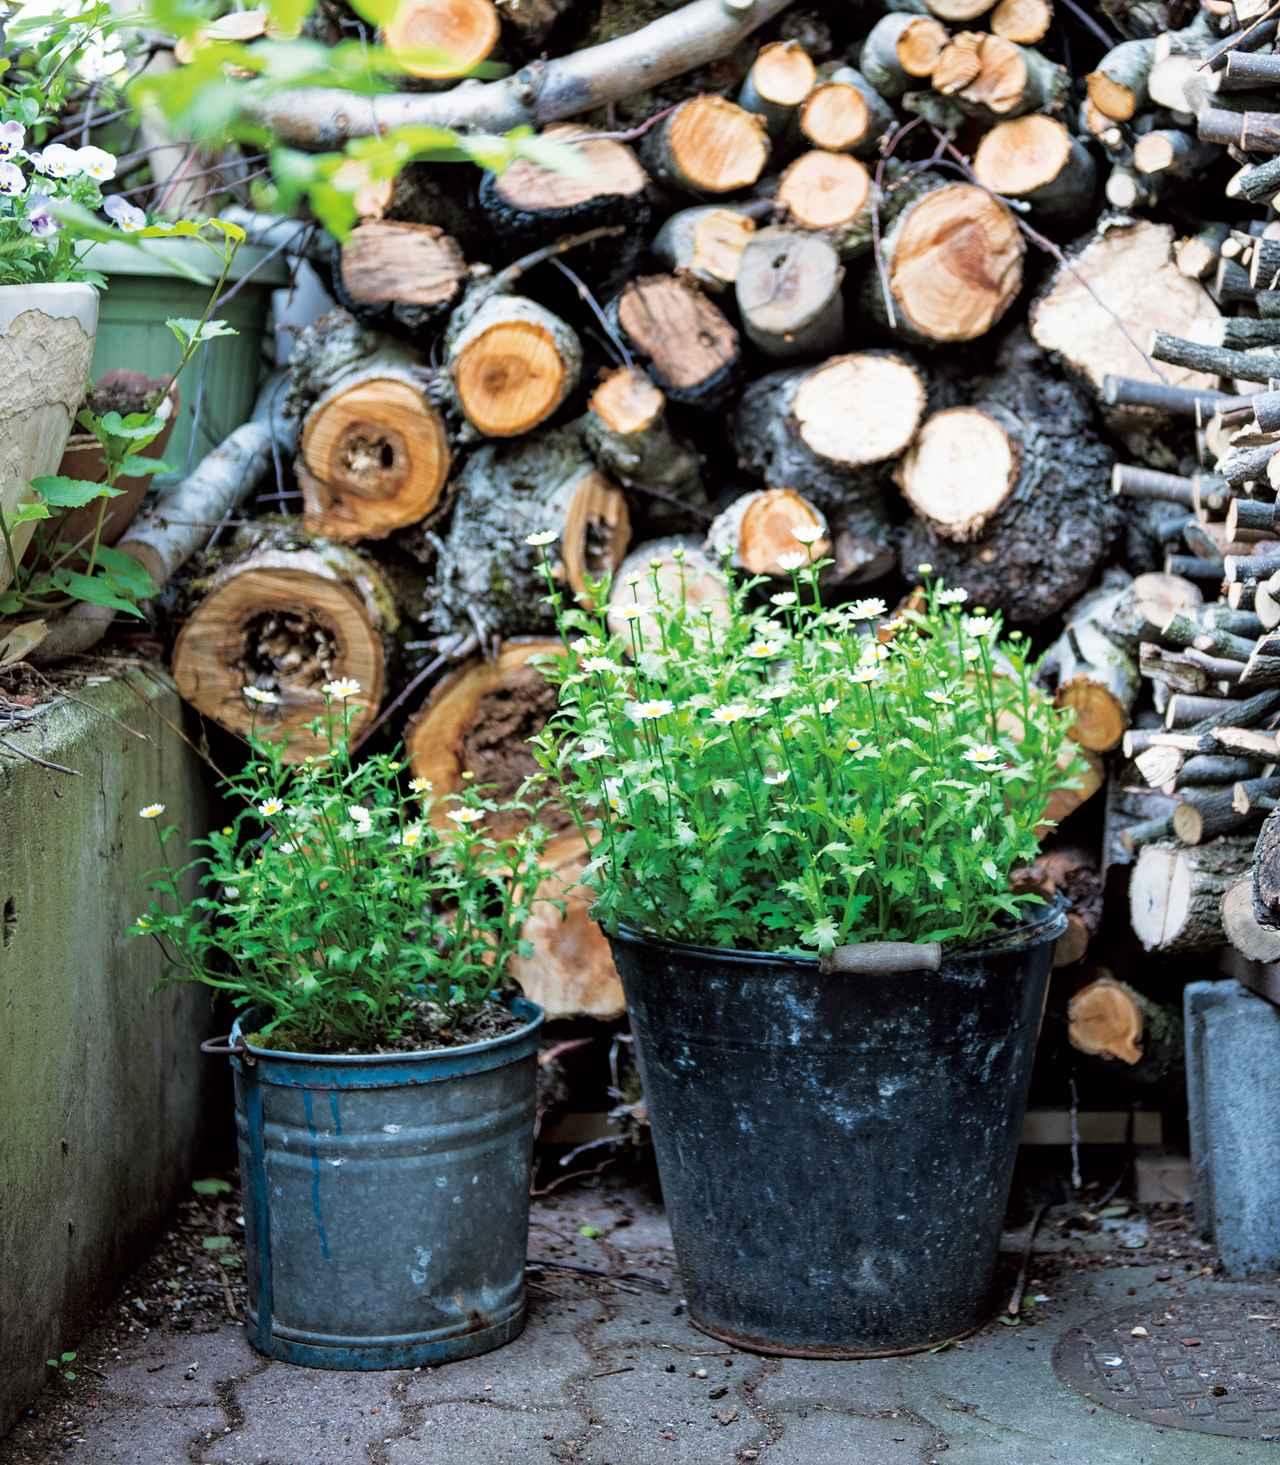 画像: 愛用のバケツを持ち運び自由な植木鉢に変身させるアイデアを思いついたときは、うれしくて小躍りしてしまったそう